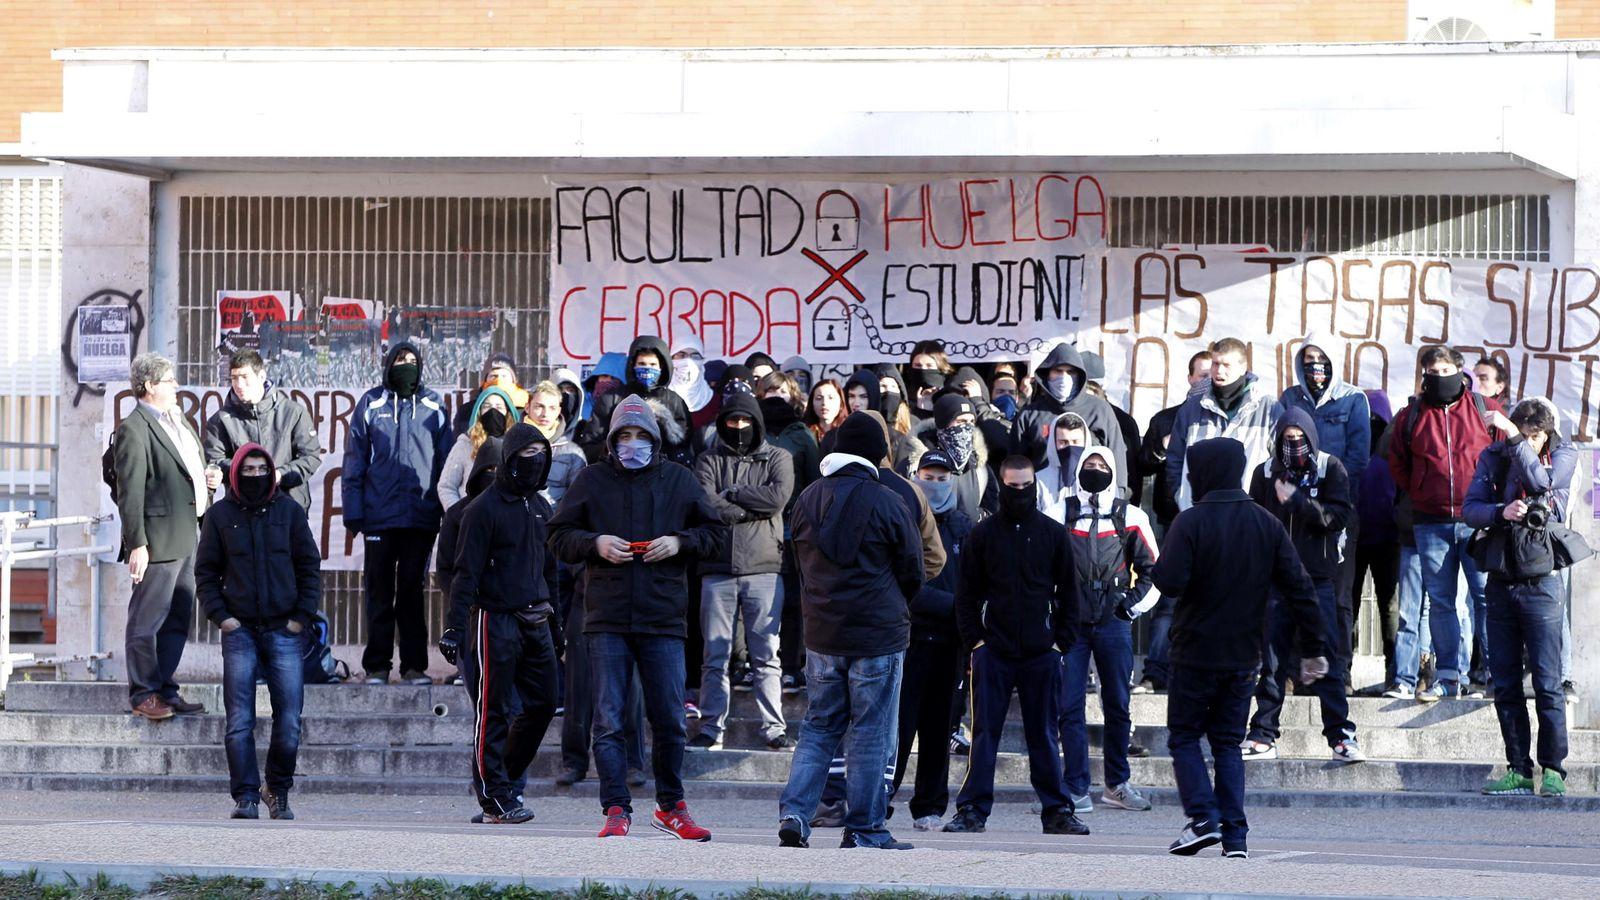 Foto: Huelga de estudiantes contra la subida de tasas en la Universidad Complutense de Madrid. (EFE)